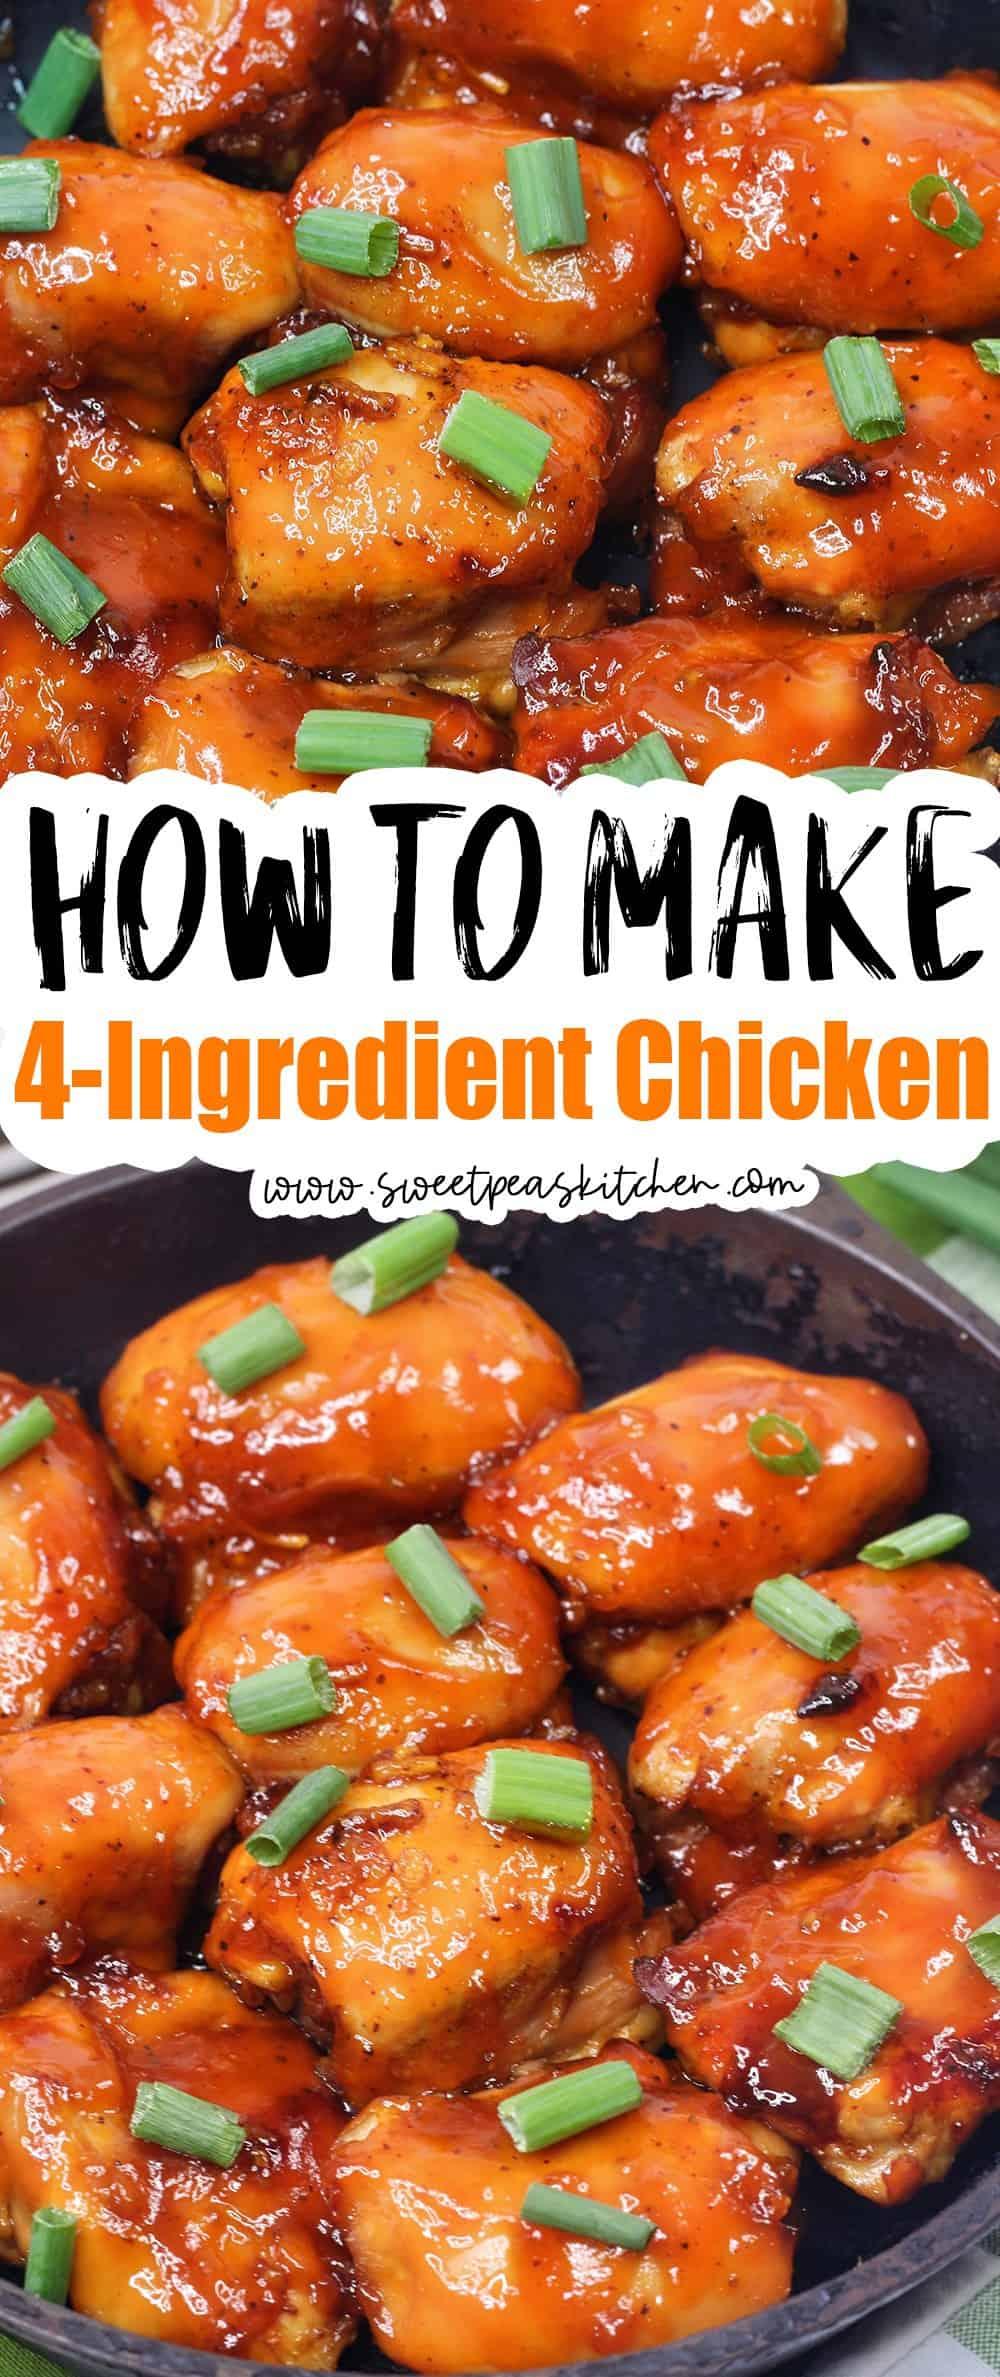 4-Ingredient Chicken